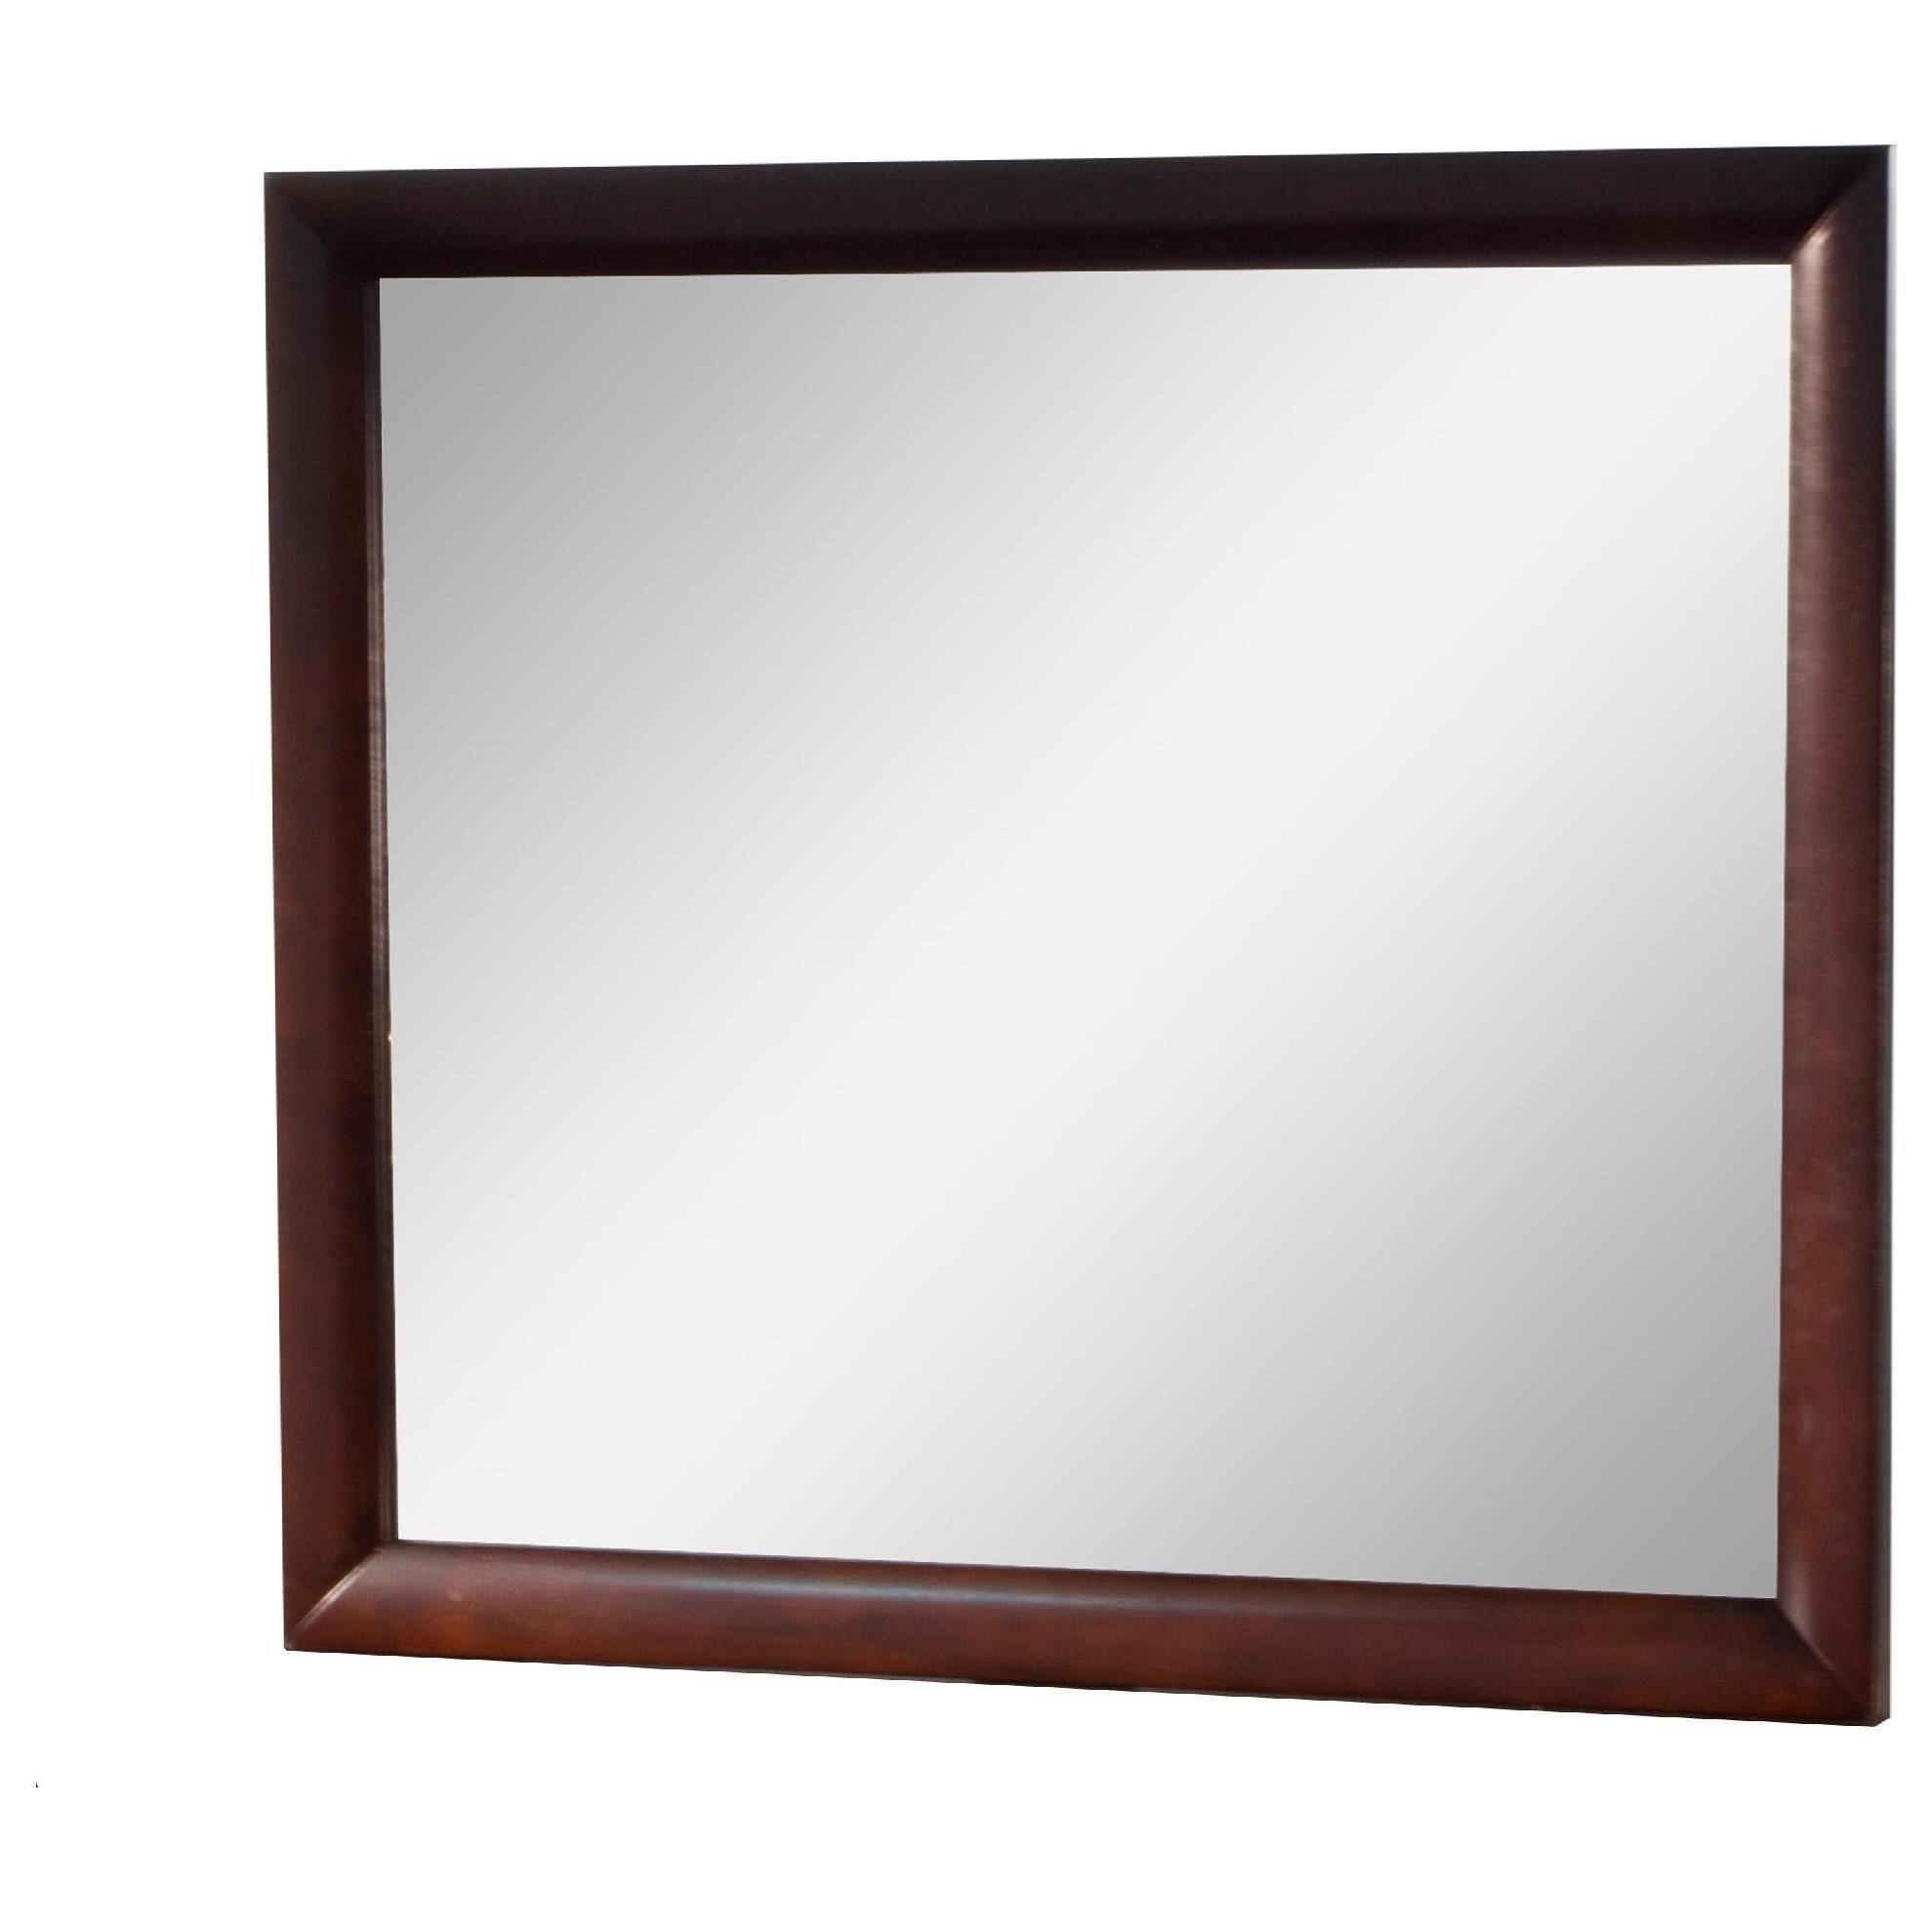 Elements International Emily Mirror with Wood Frame - Item Number: EM200MR